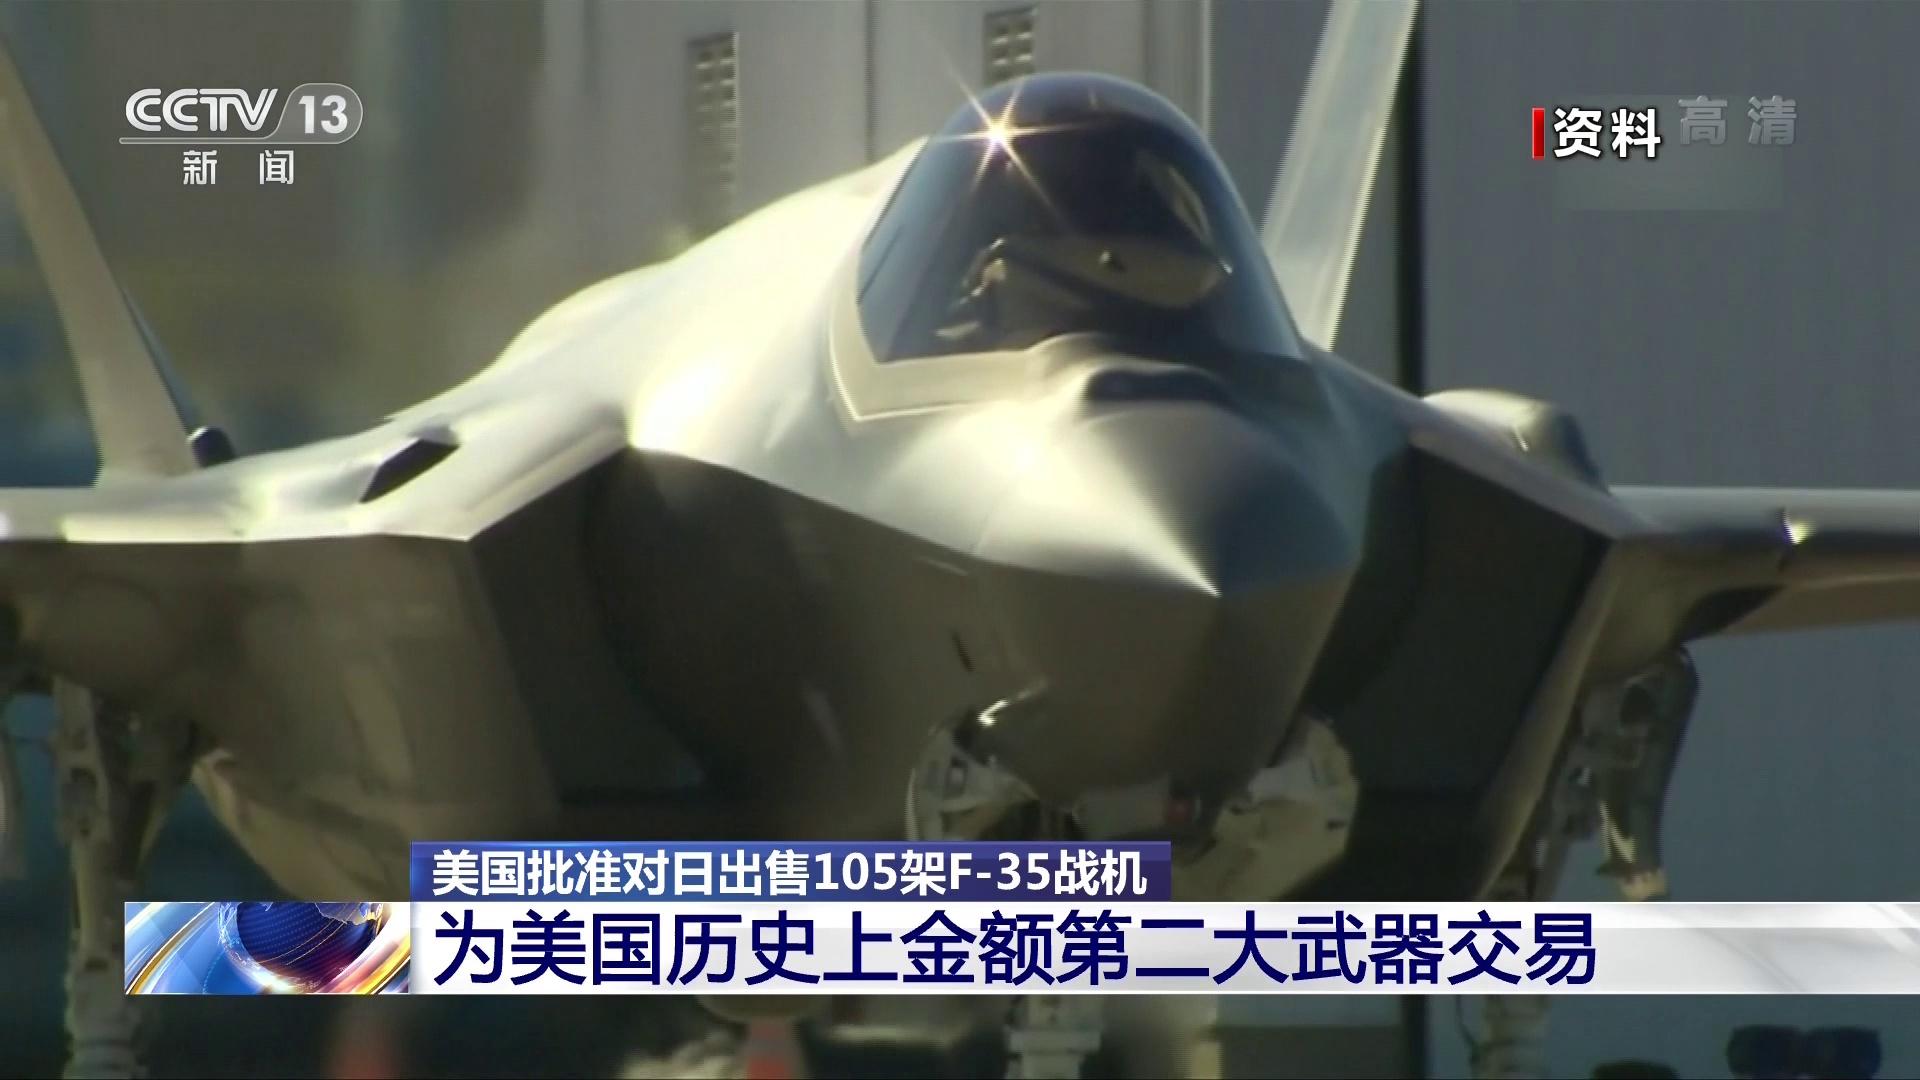 联博统计:美批准对日出售105架F-35战机 日或成为此战机全球第二大用户 第2张